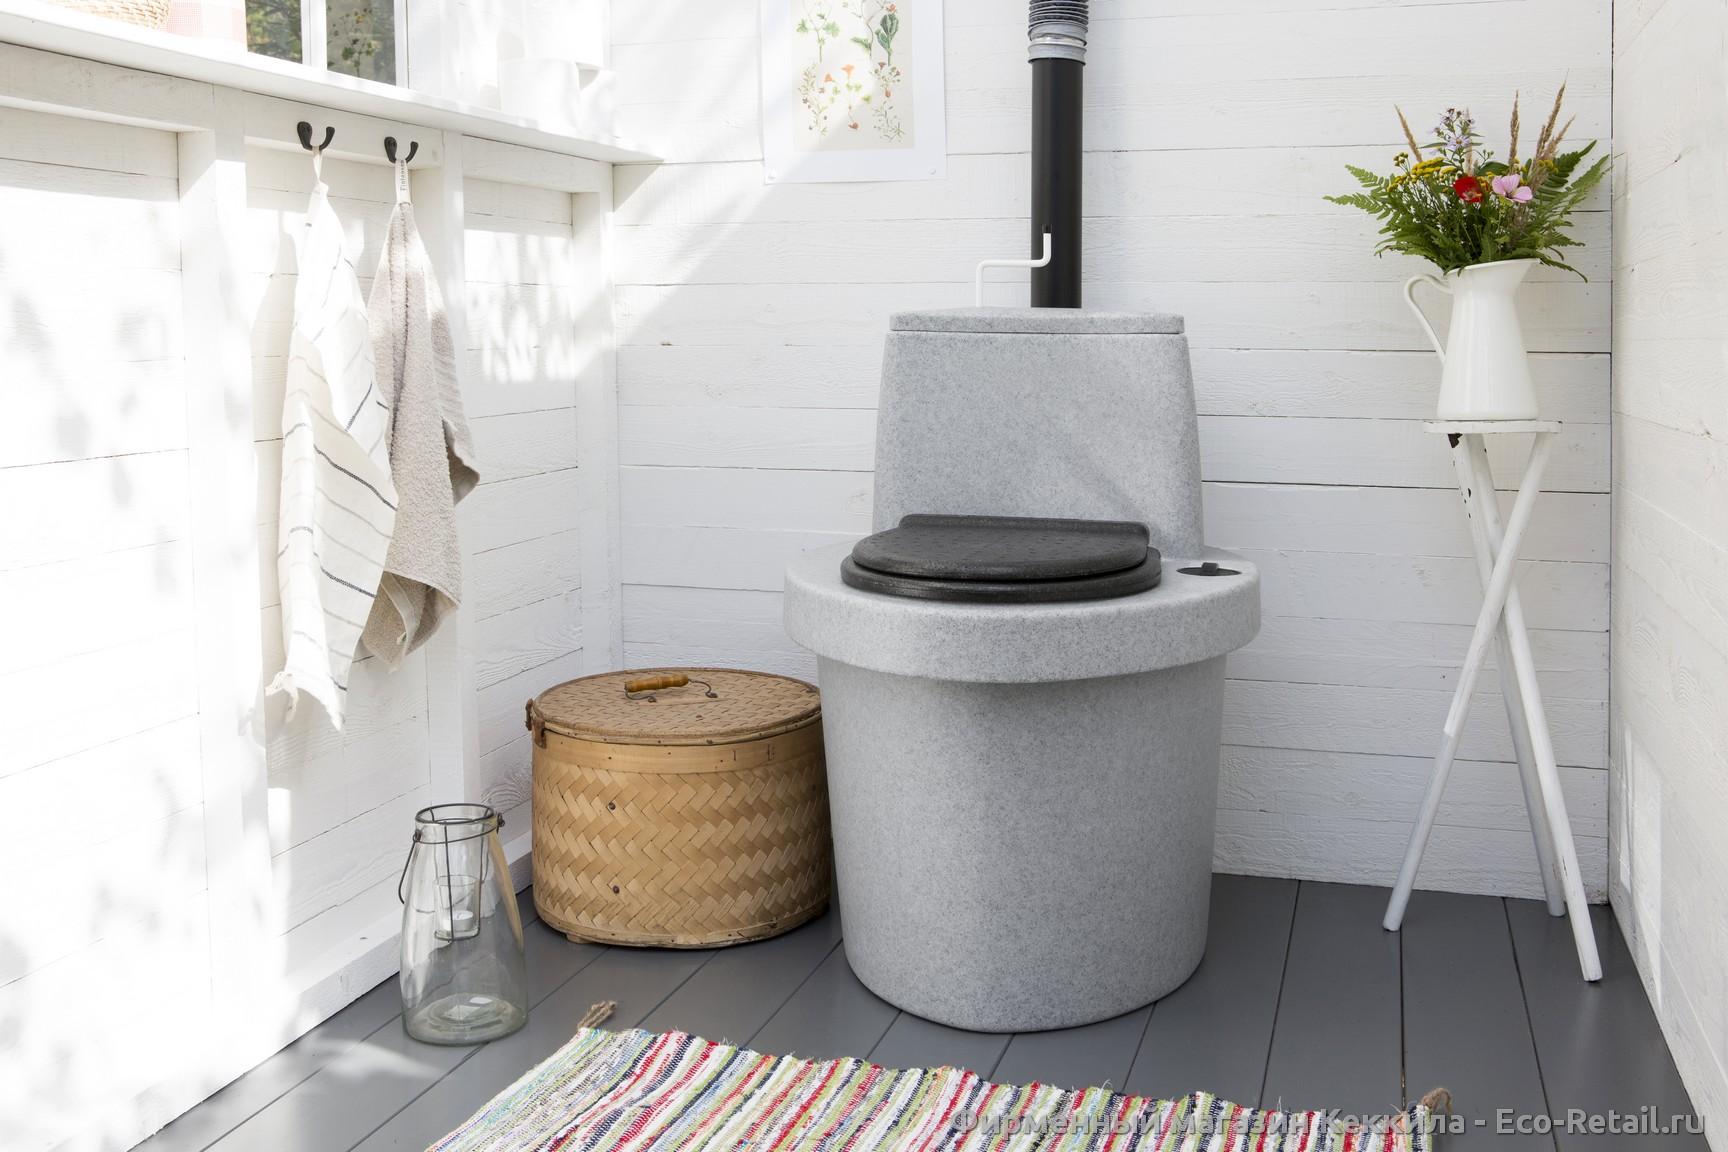 Как сделать садовый туалет своими руками